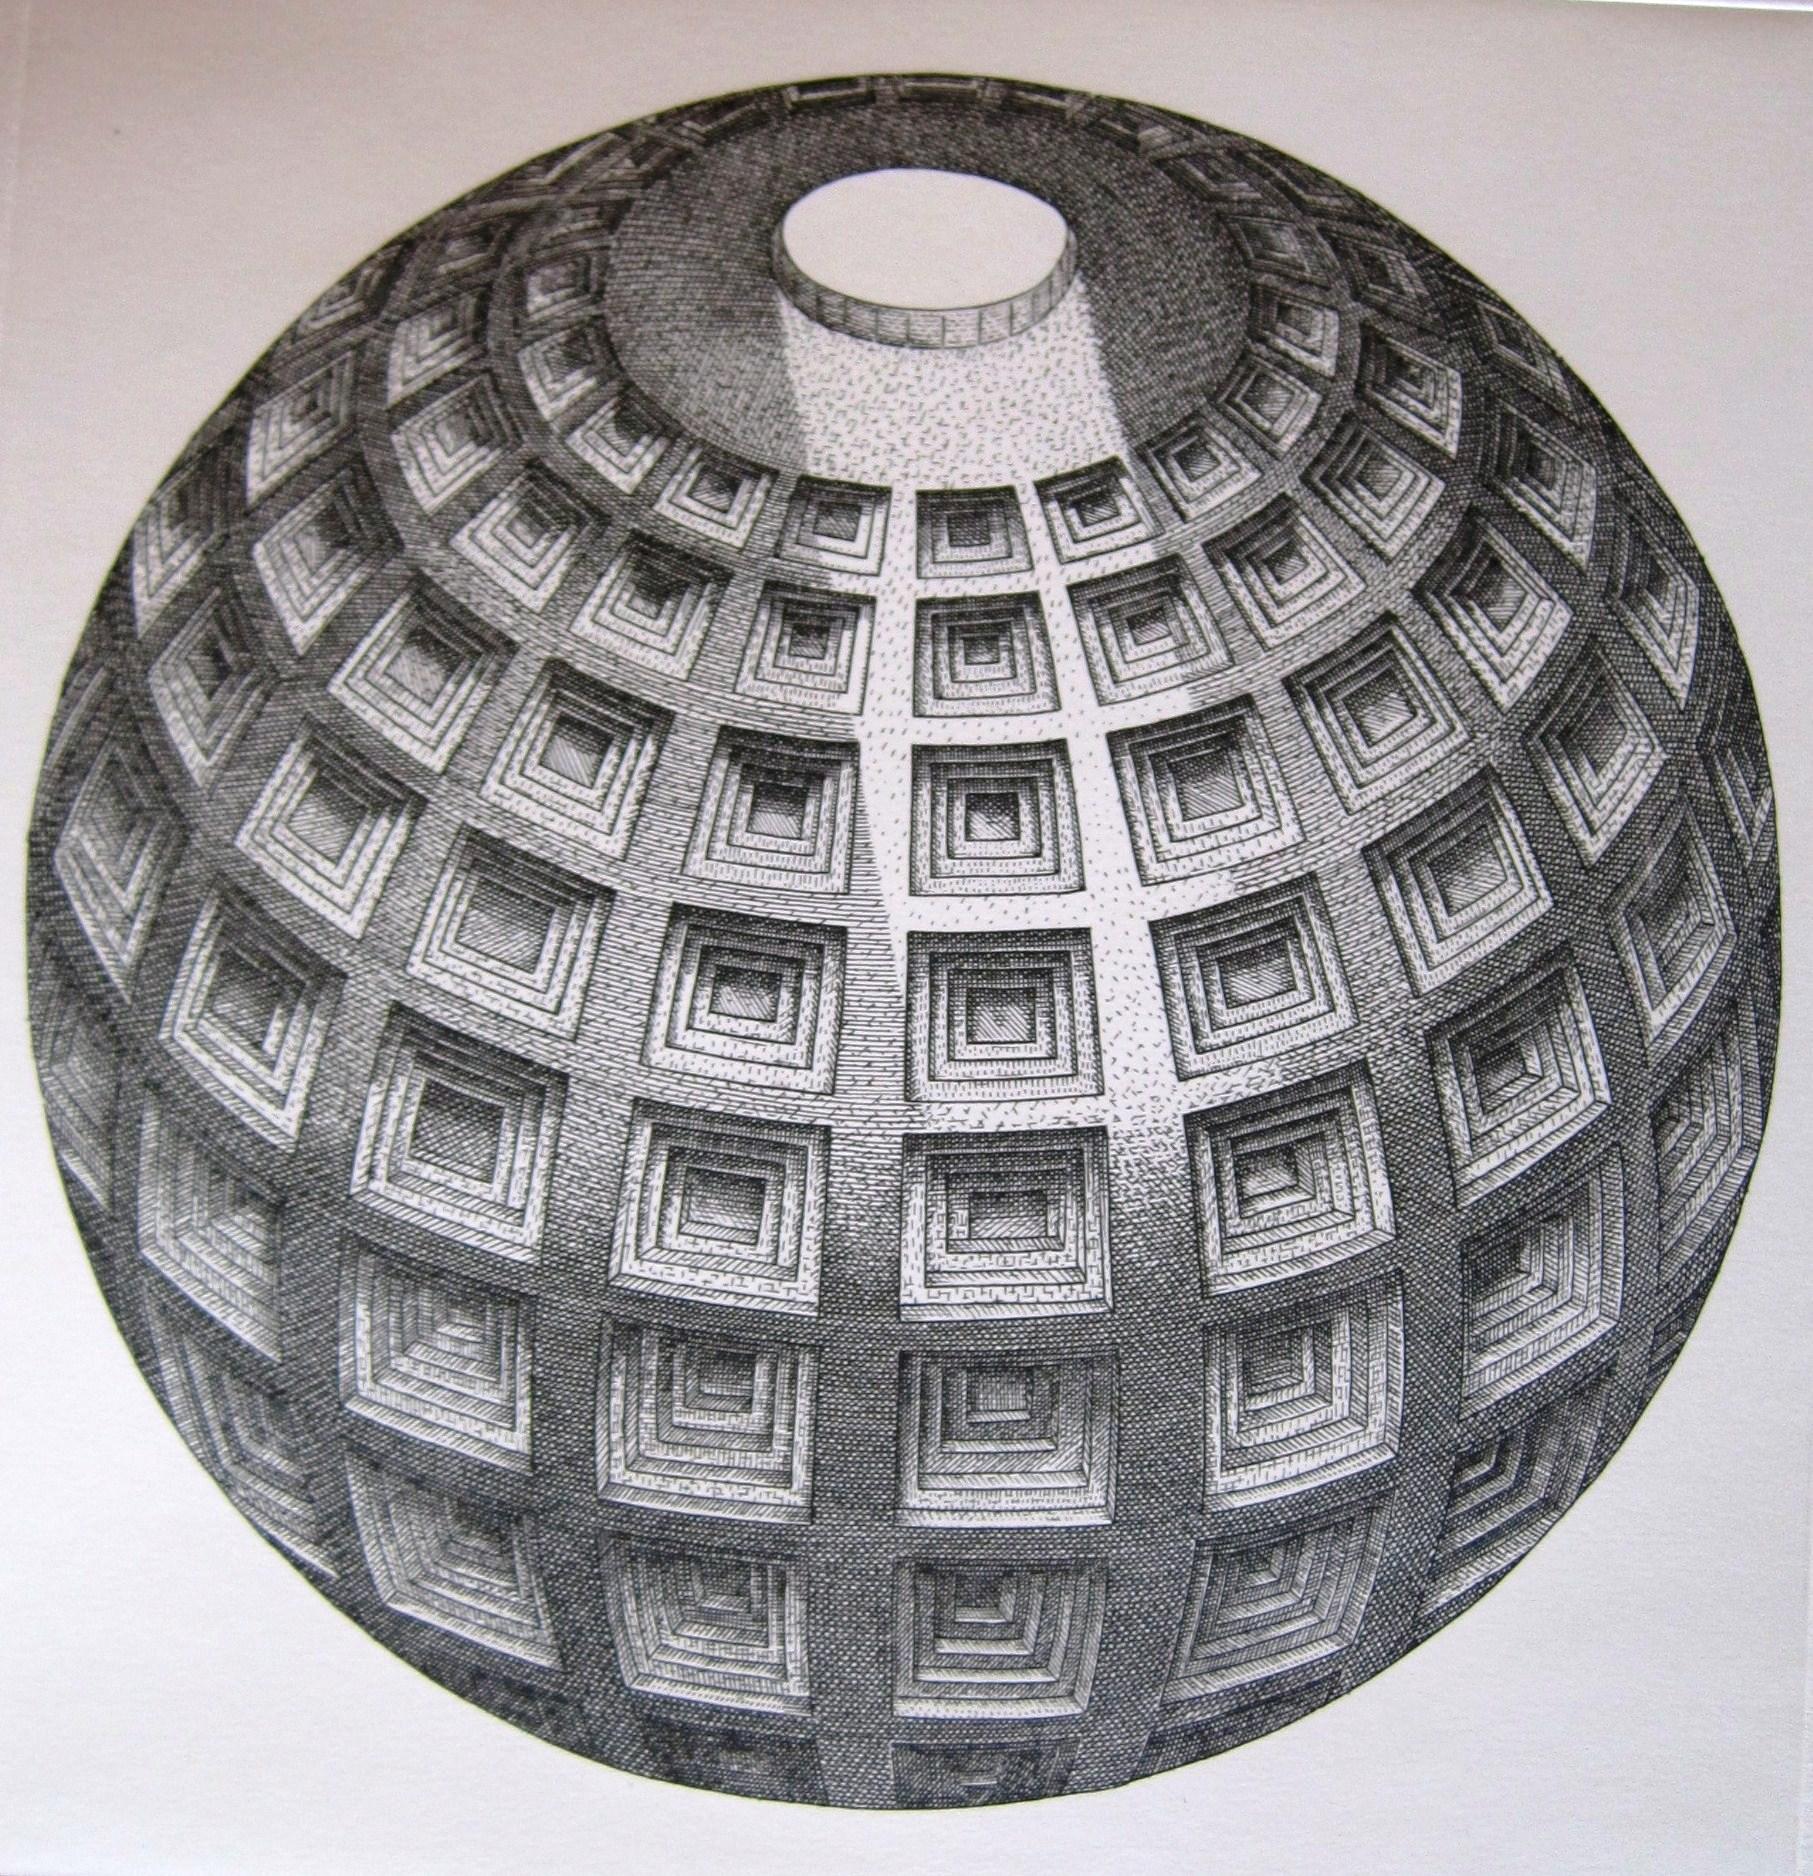 Orosz, István: The globe (Pantheon paraphrase)